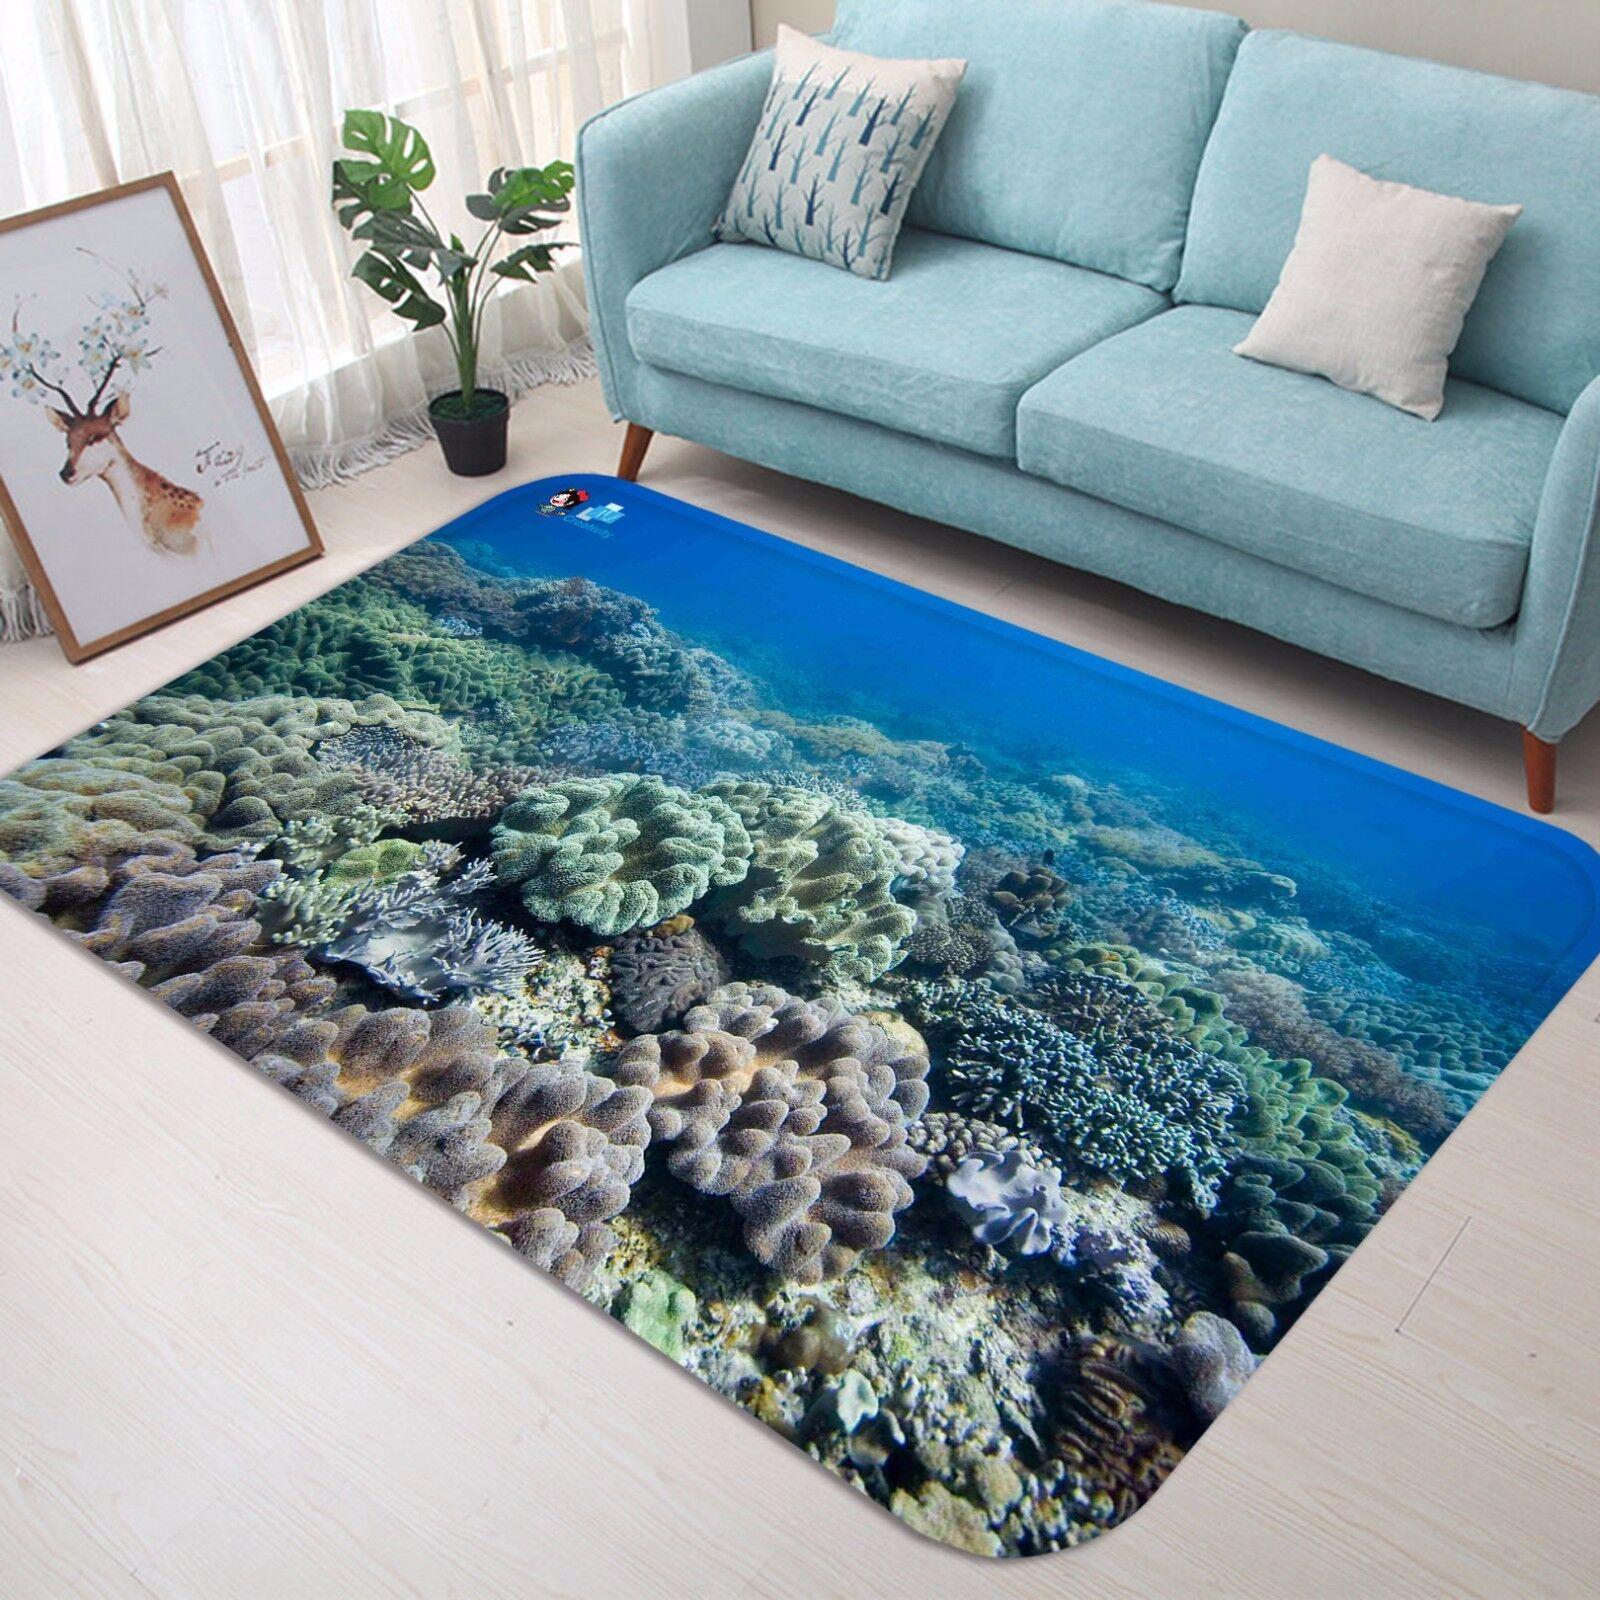 3D OCEANO CORALLO 46 tappetino antiscivolo tappeto camera Tappetino Qualità Elegante foto Tappeto UK